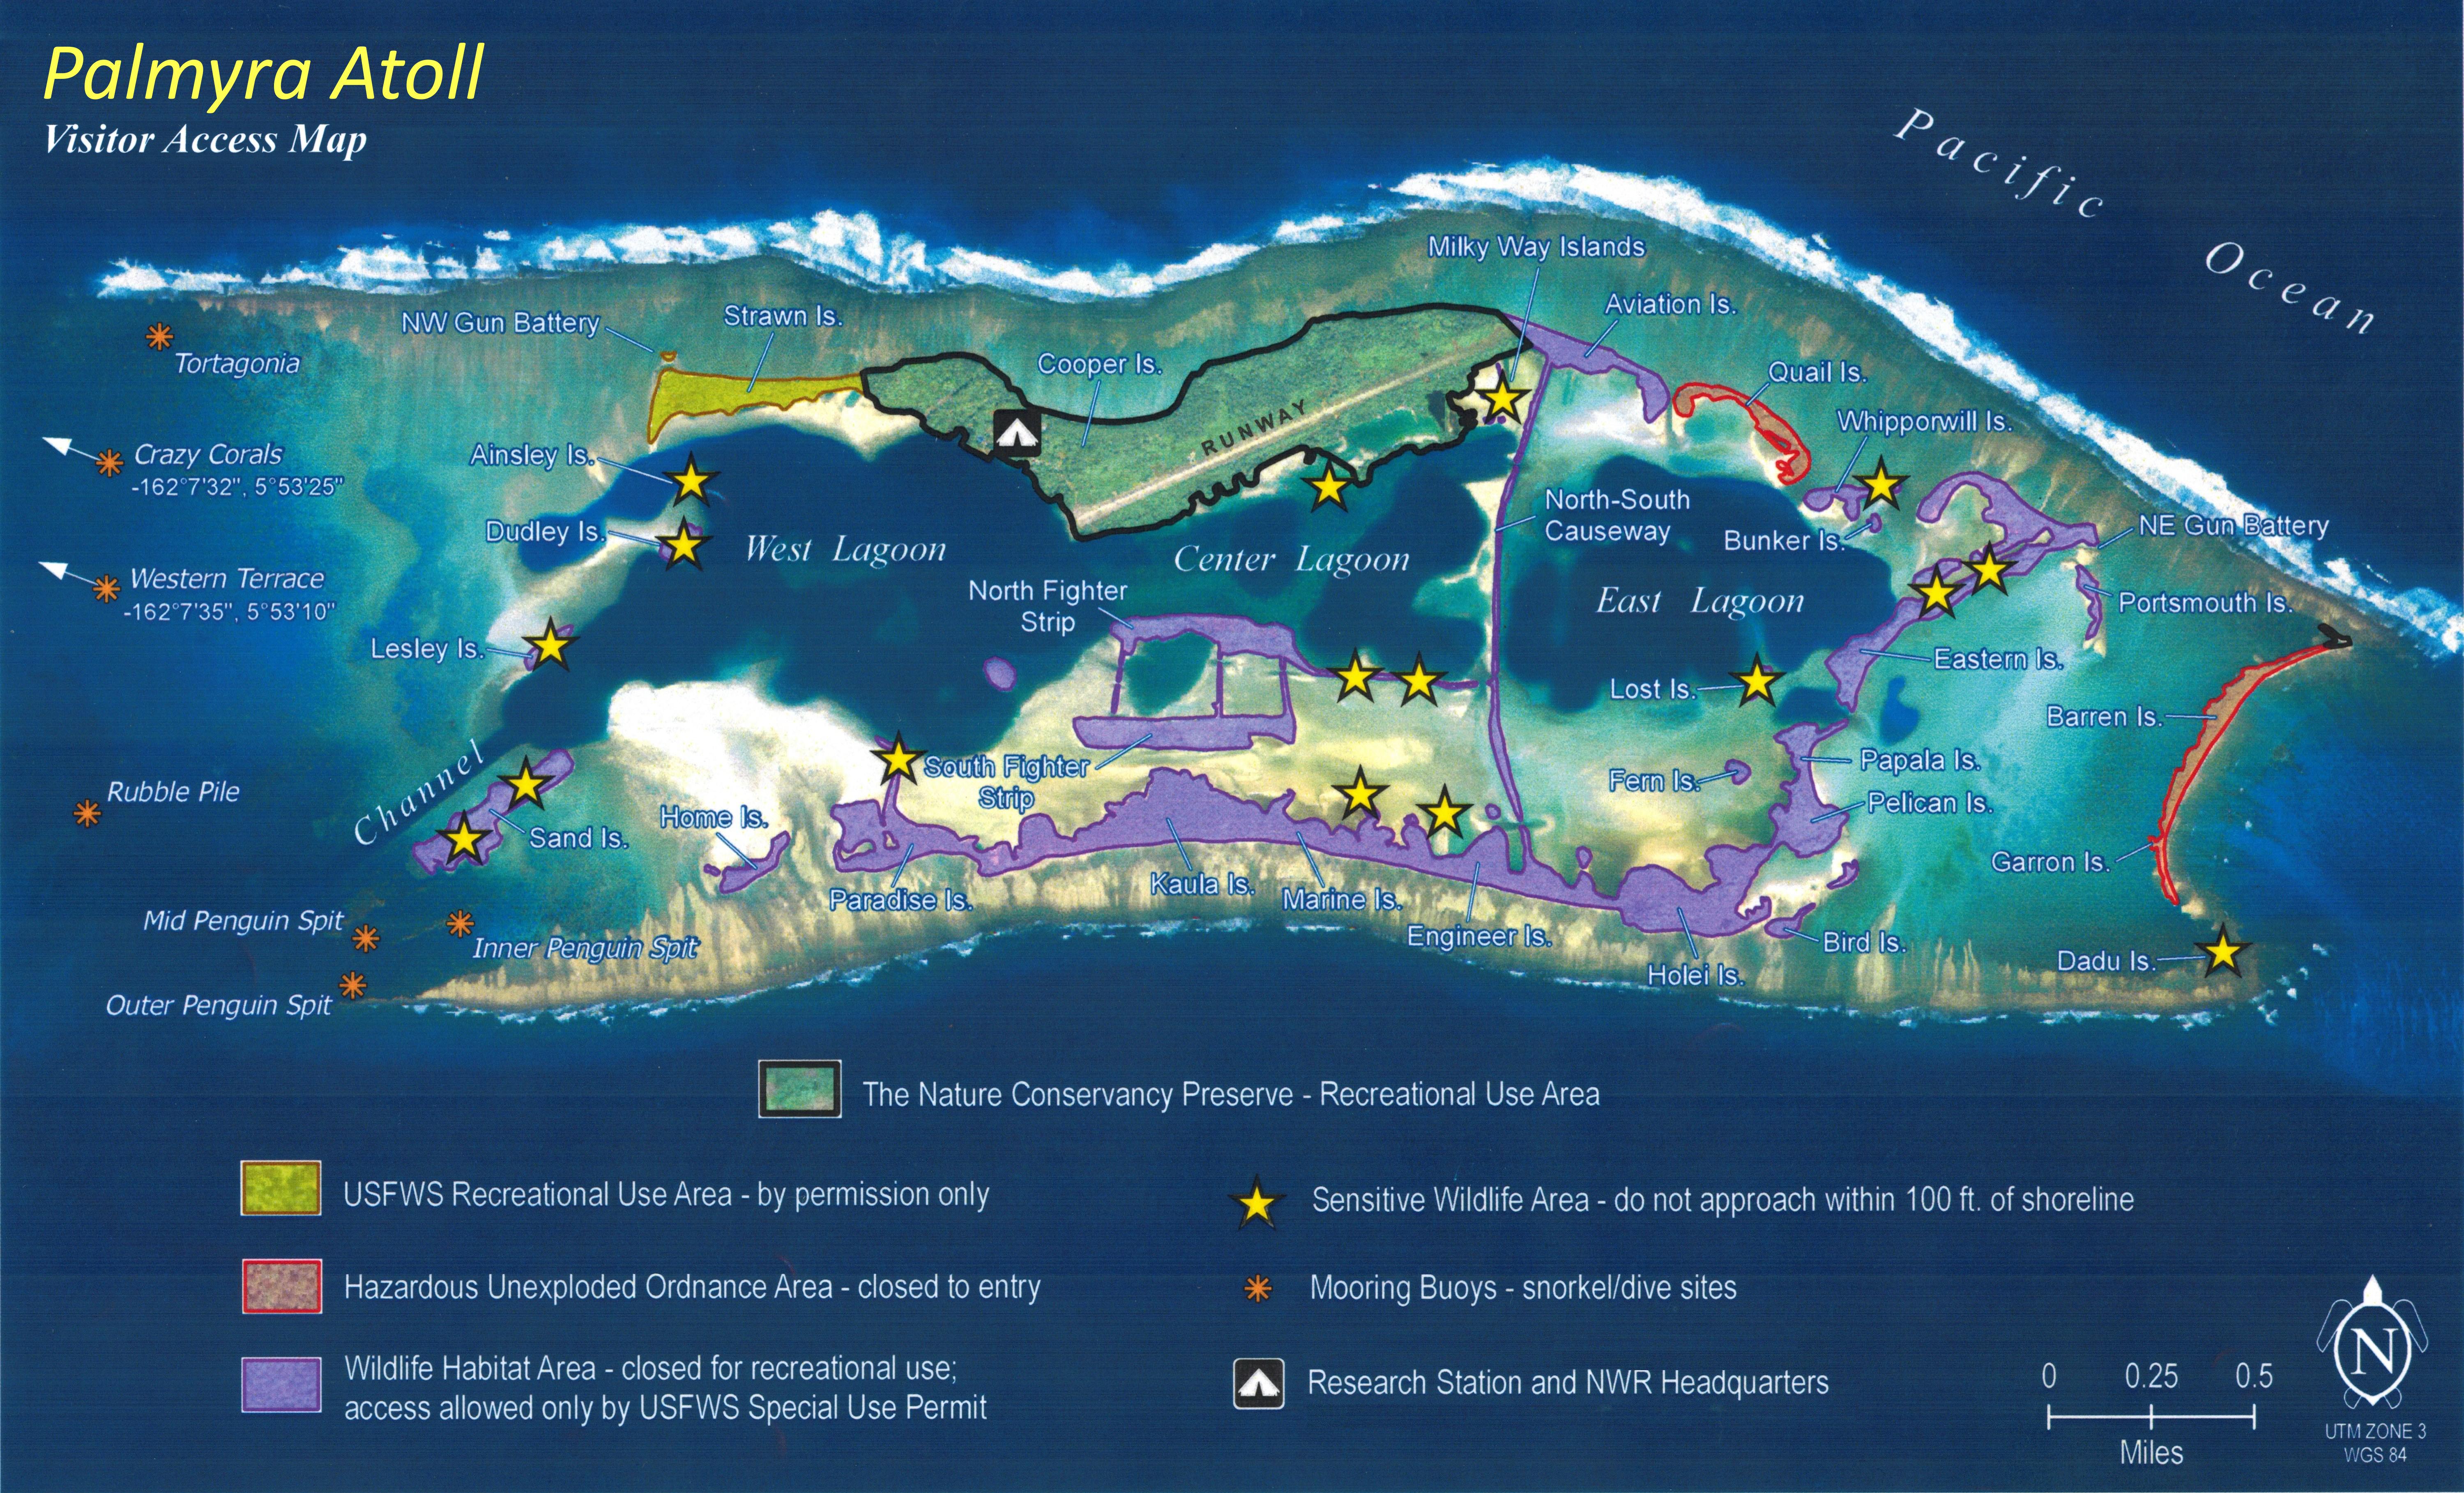 D3 Flow Chart: Palmyra Atoll - Wikipedia,Chart